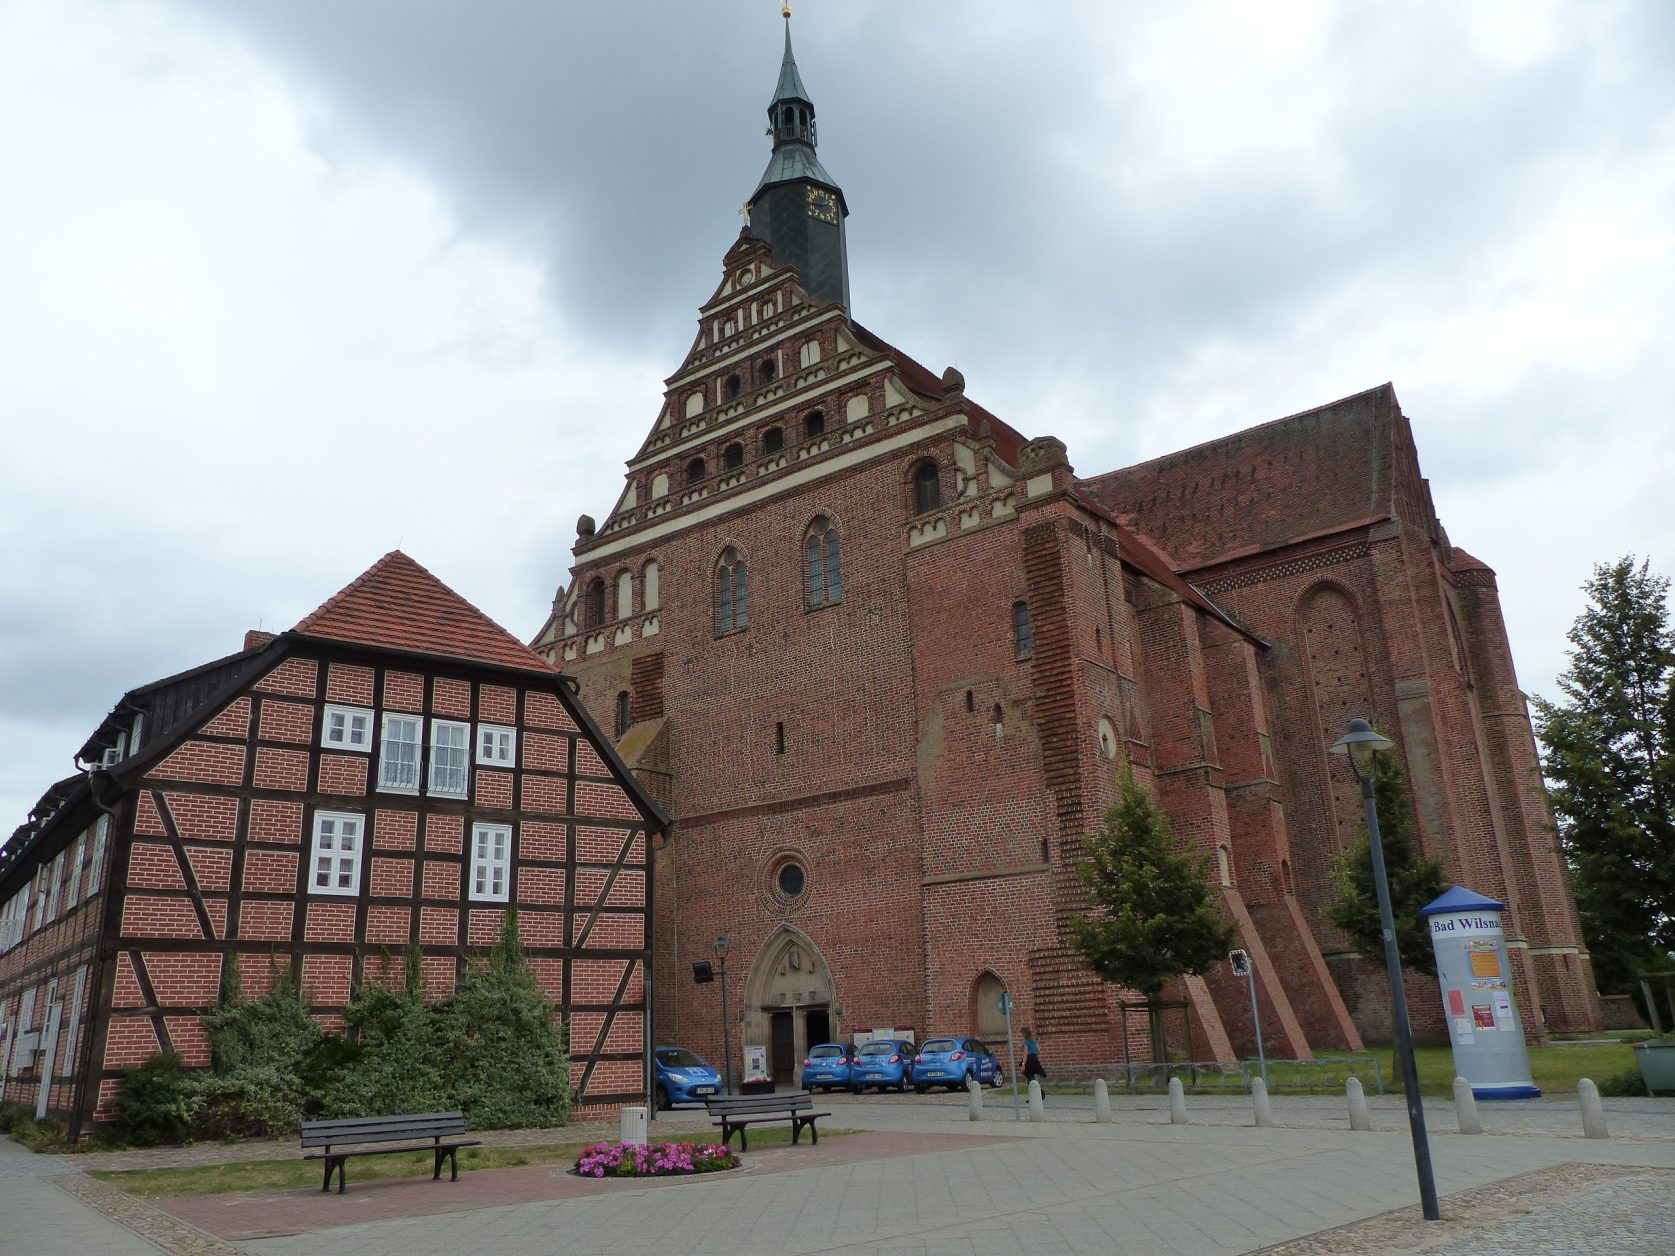 Wunderblutkirche in Bad Wilsnack, Foto: D. Weirauch